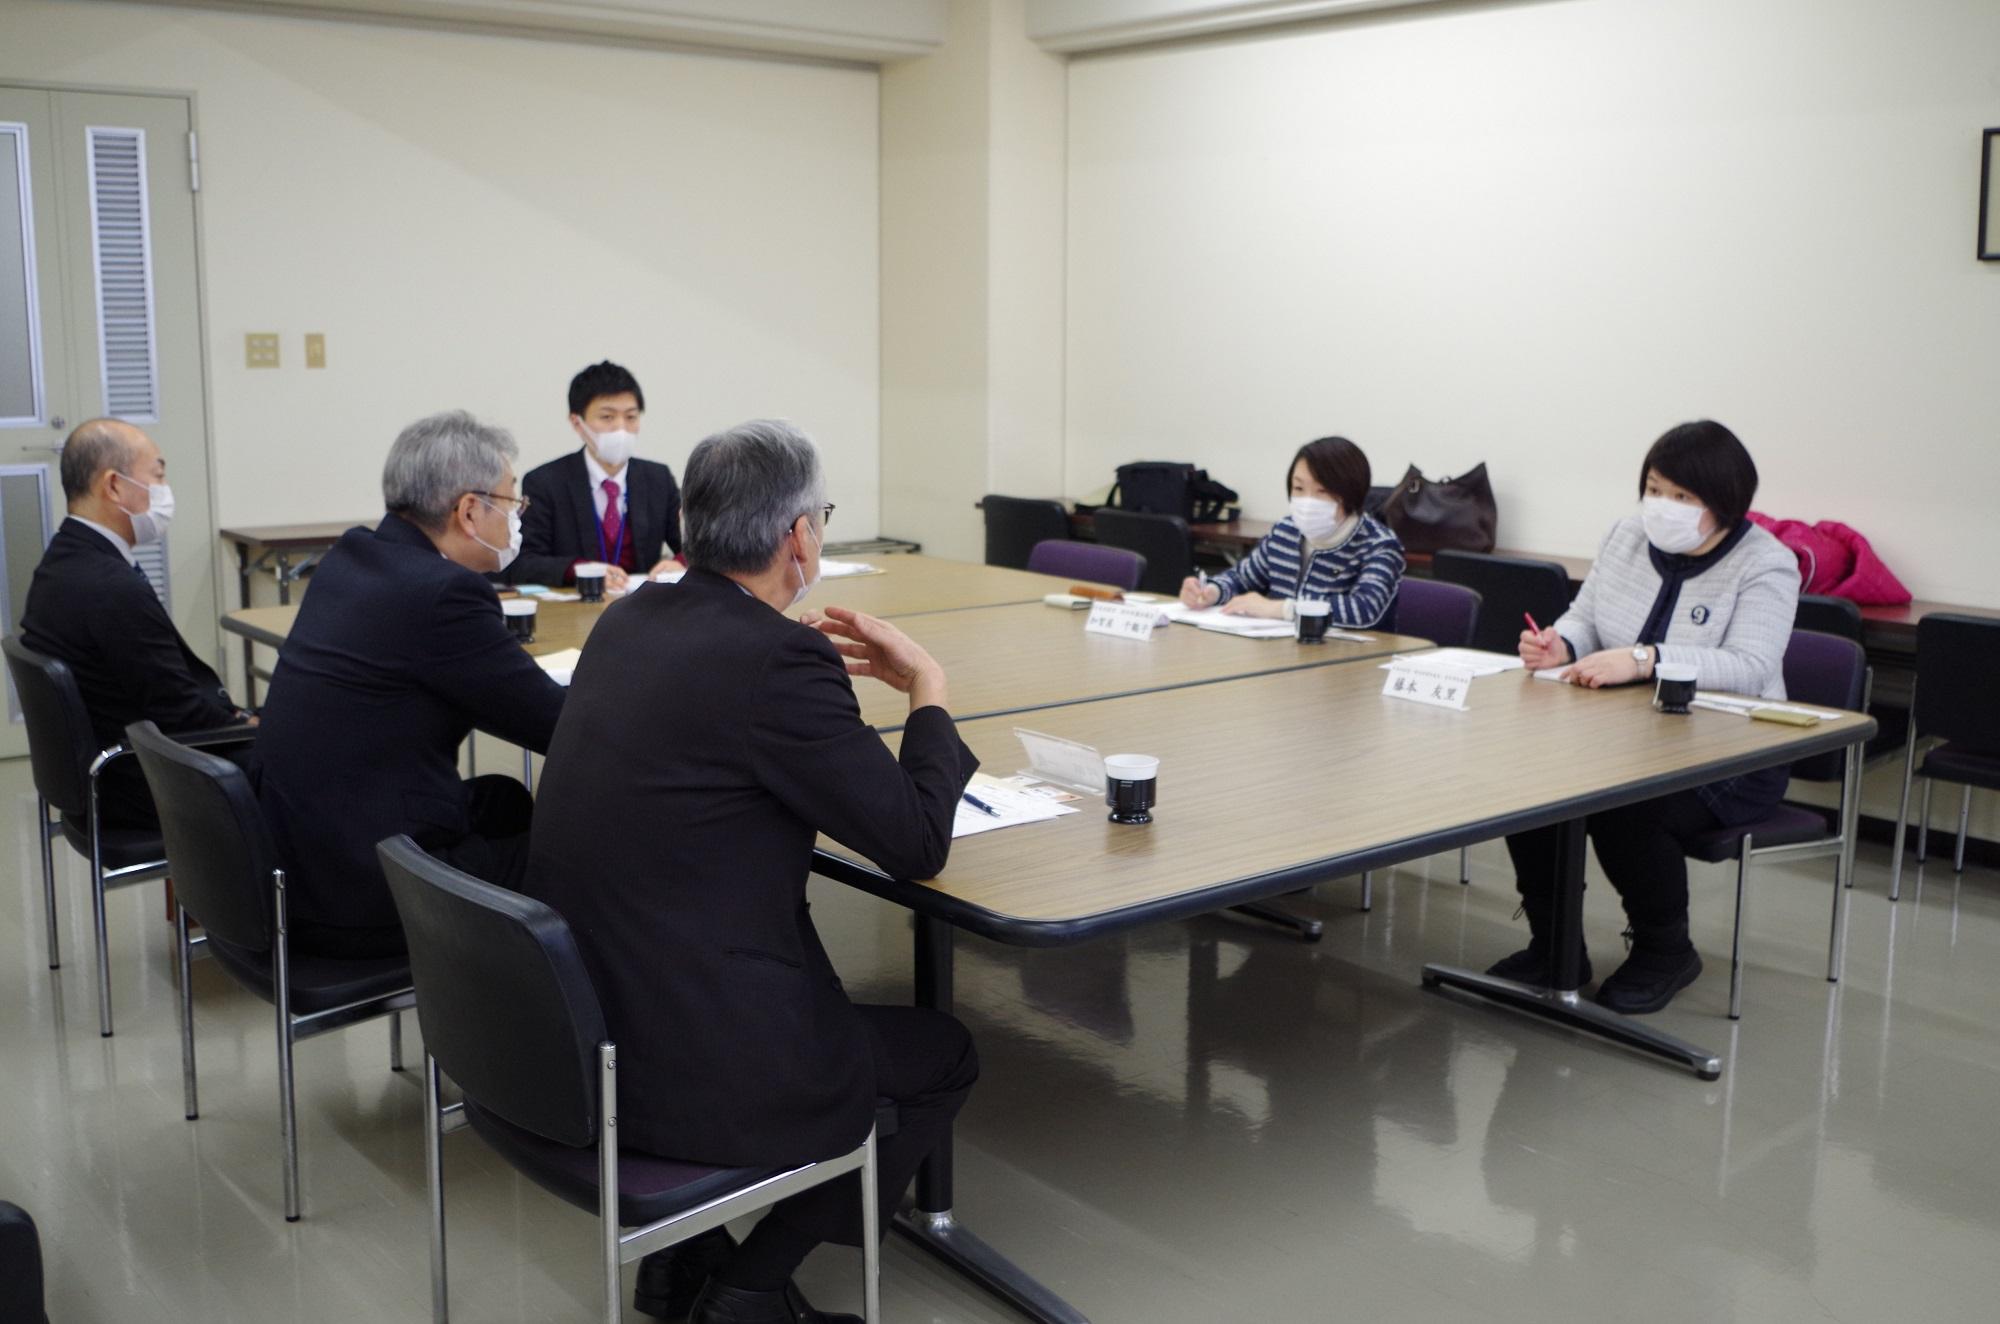 最大限努力しても危機感 定期的なPCR検査を 藤本候補・加賀屋県議 老人施設長と懇談